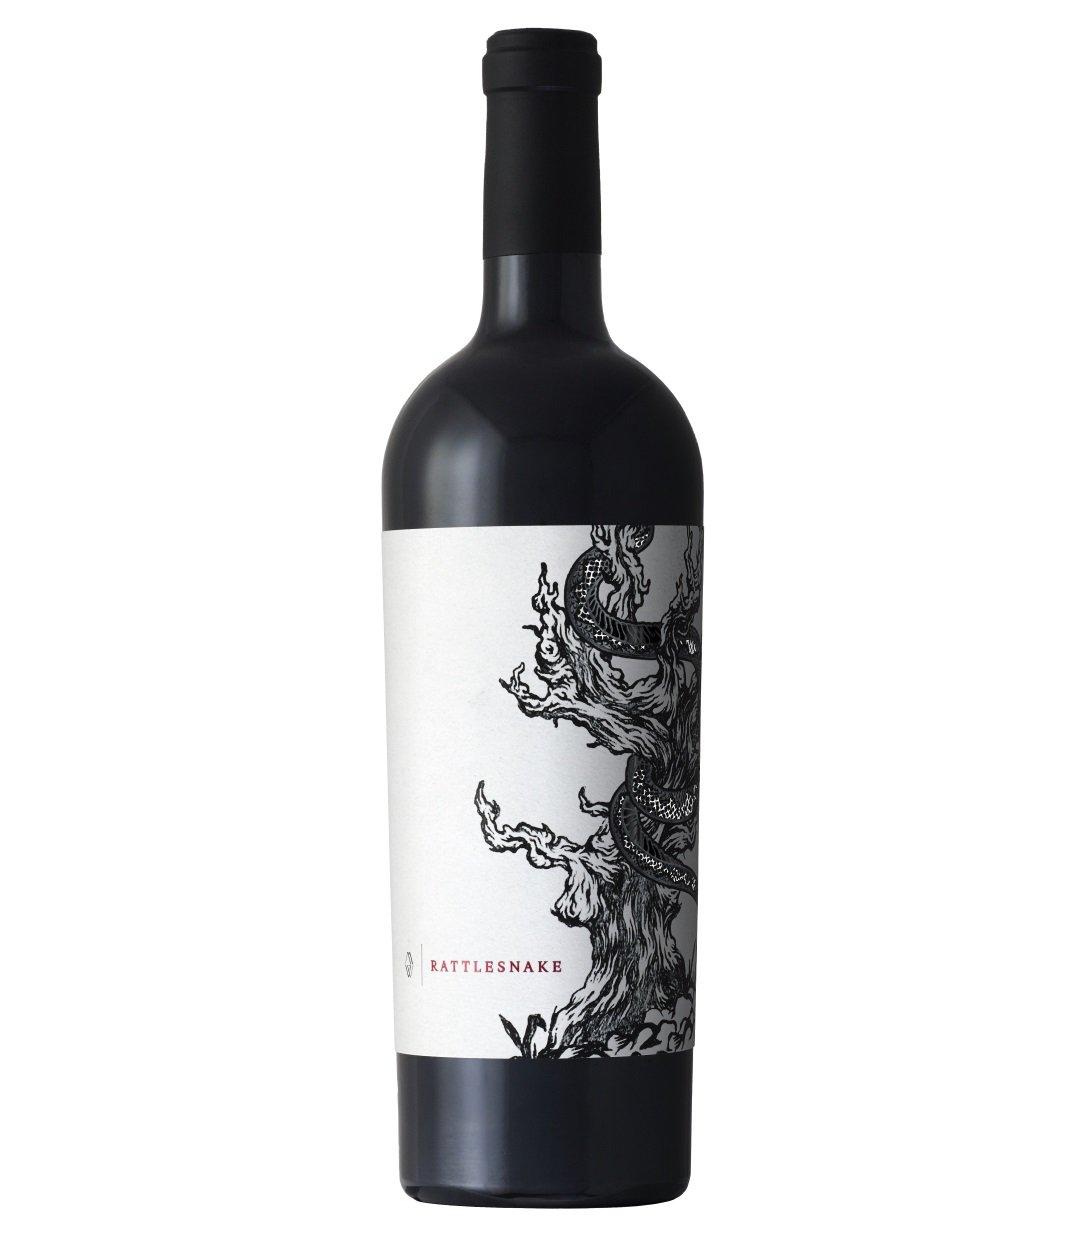 2016 Mount Peak Winery Rattlesnake Zinfandel Sonoma County